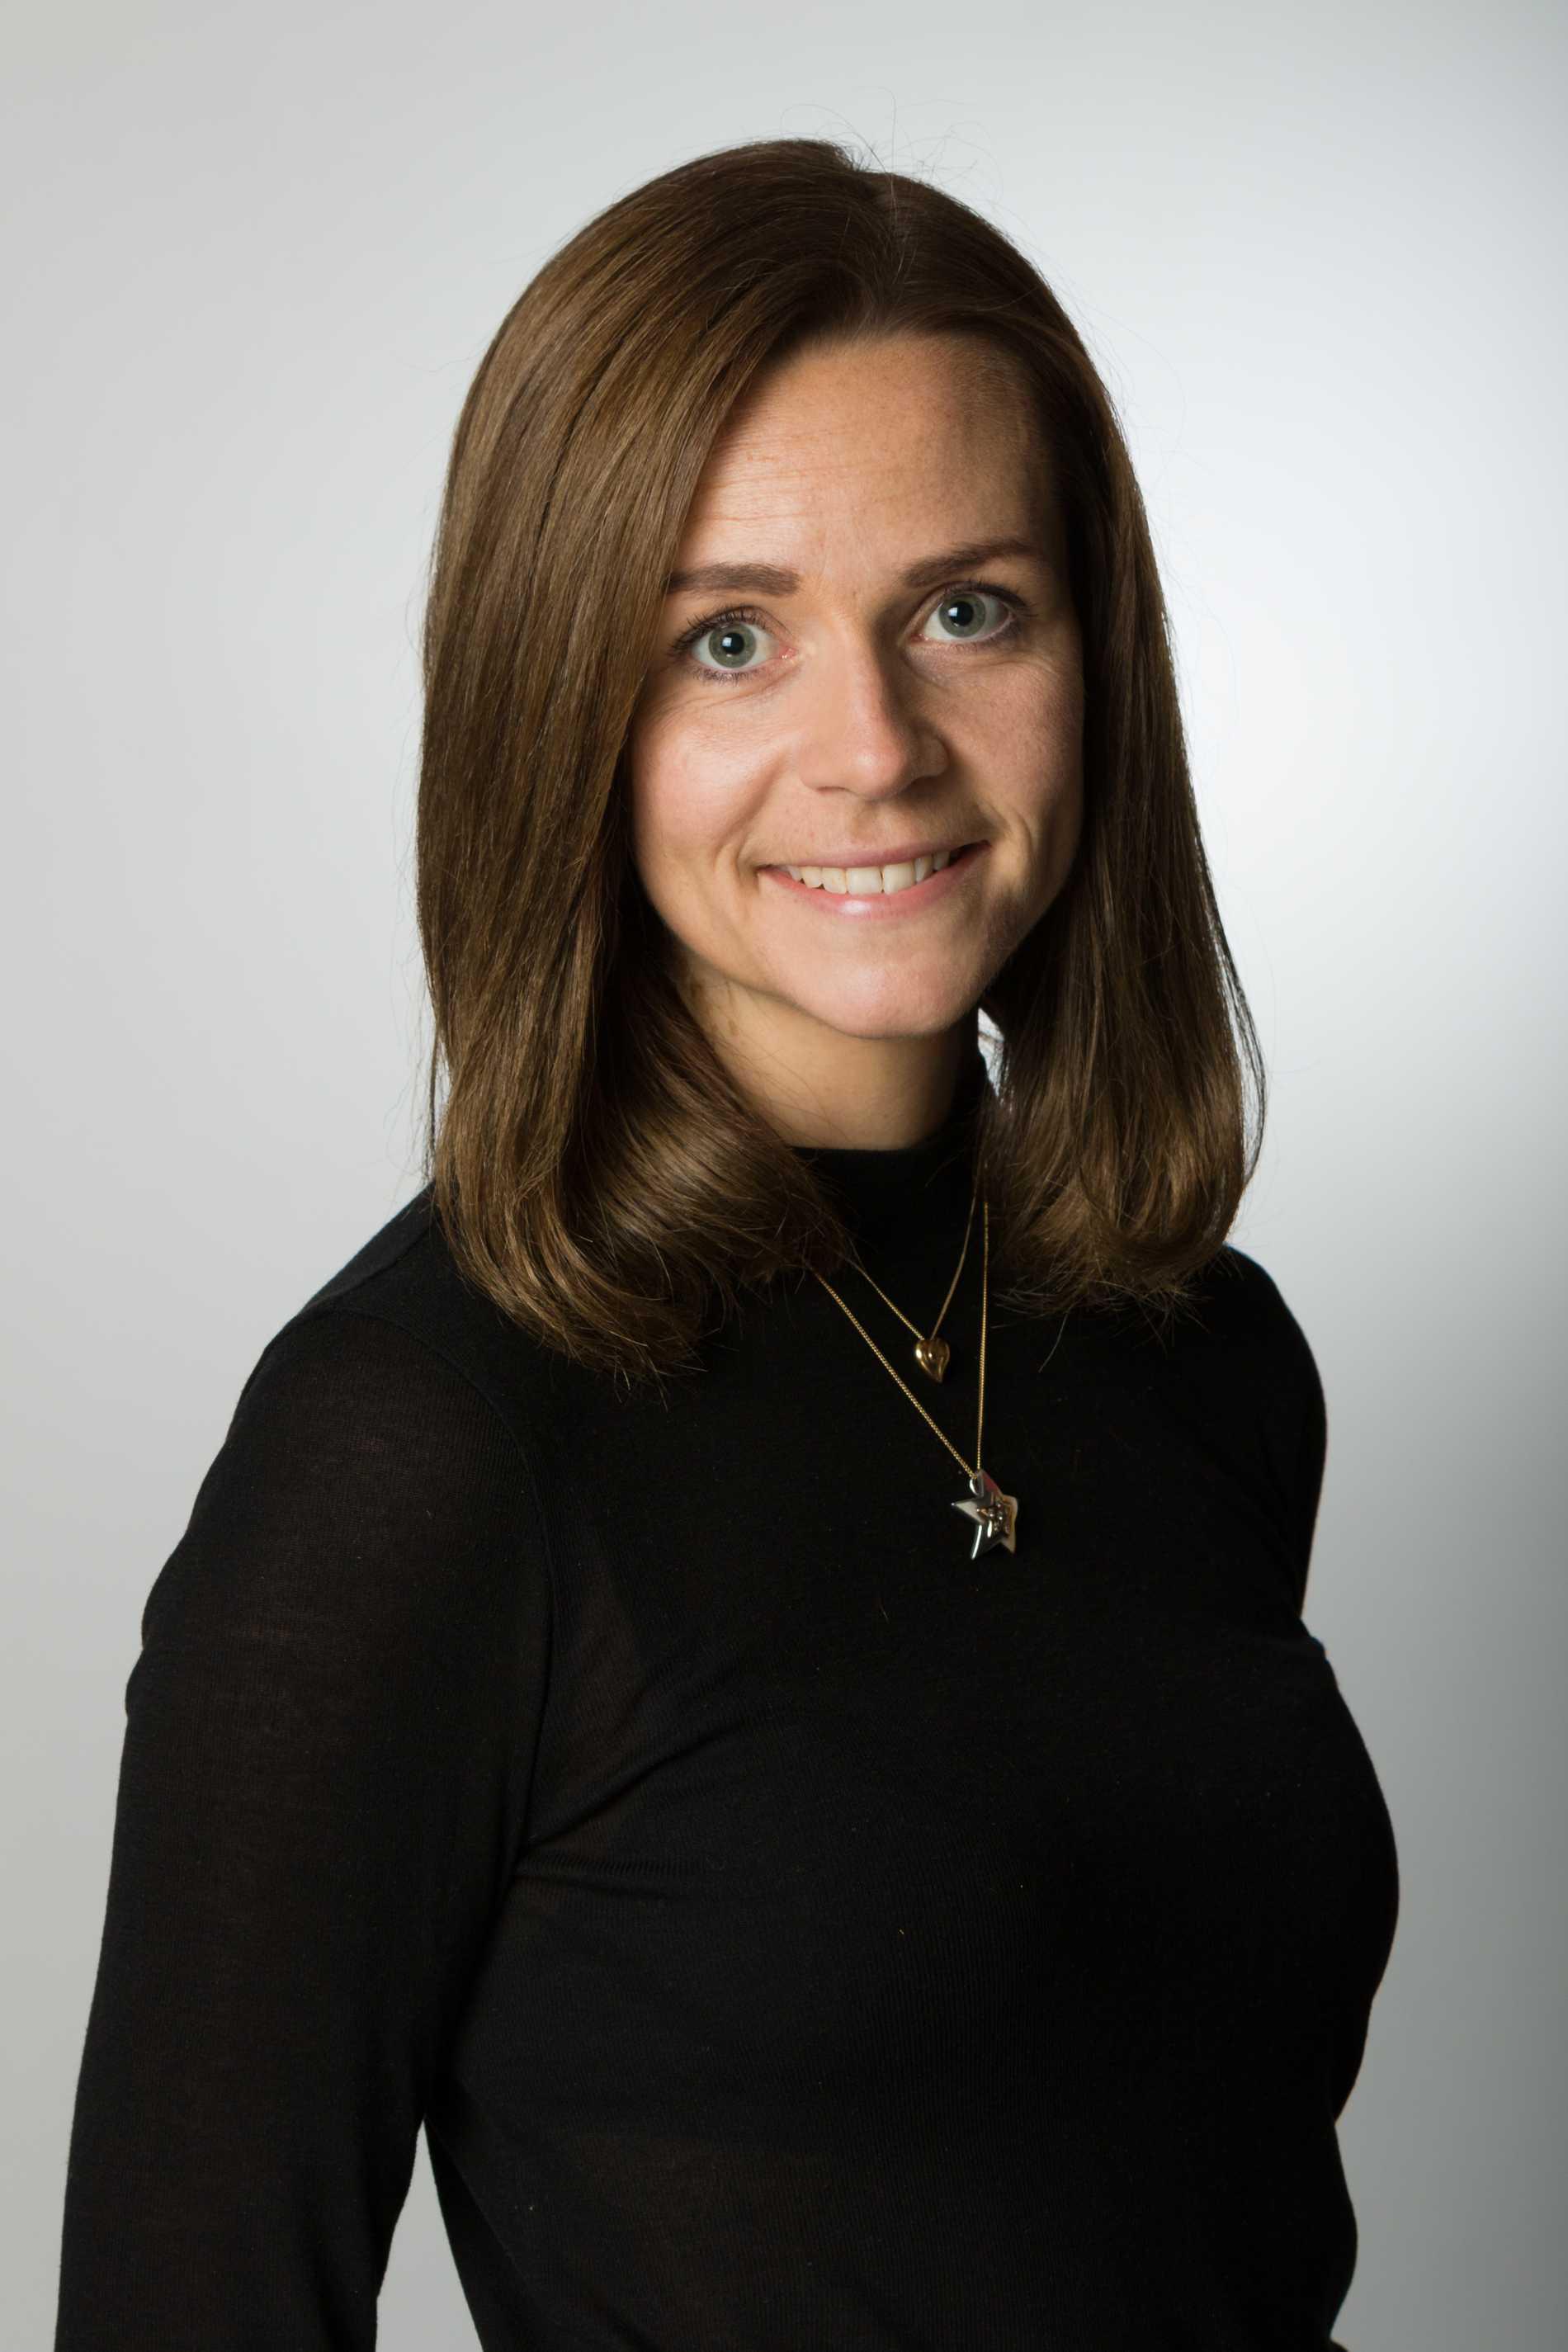 Lina Bergman, specialistläkare inom obstetrik och gynekologi, berättar om havandeskapsförgiftning, preeklampsi.